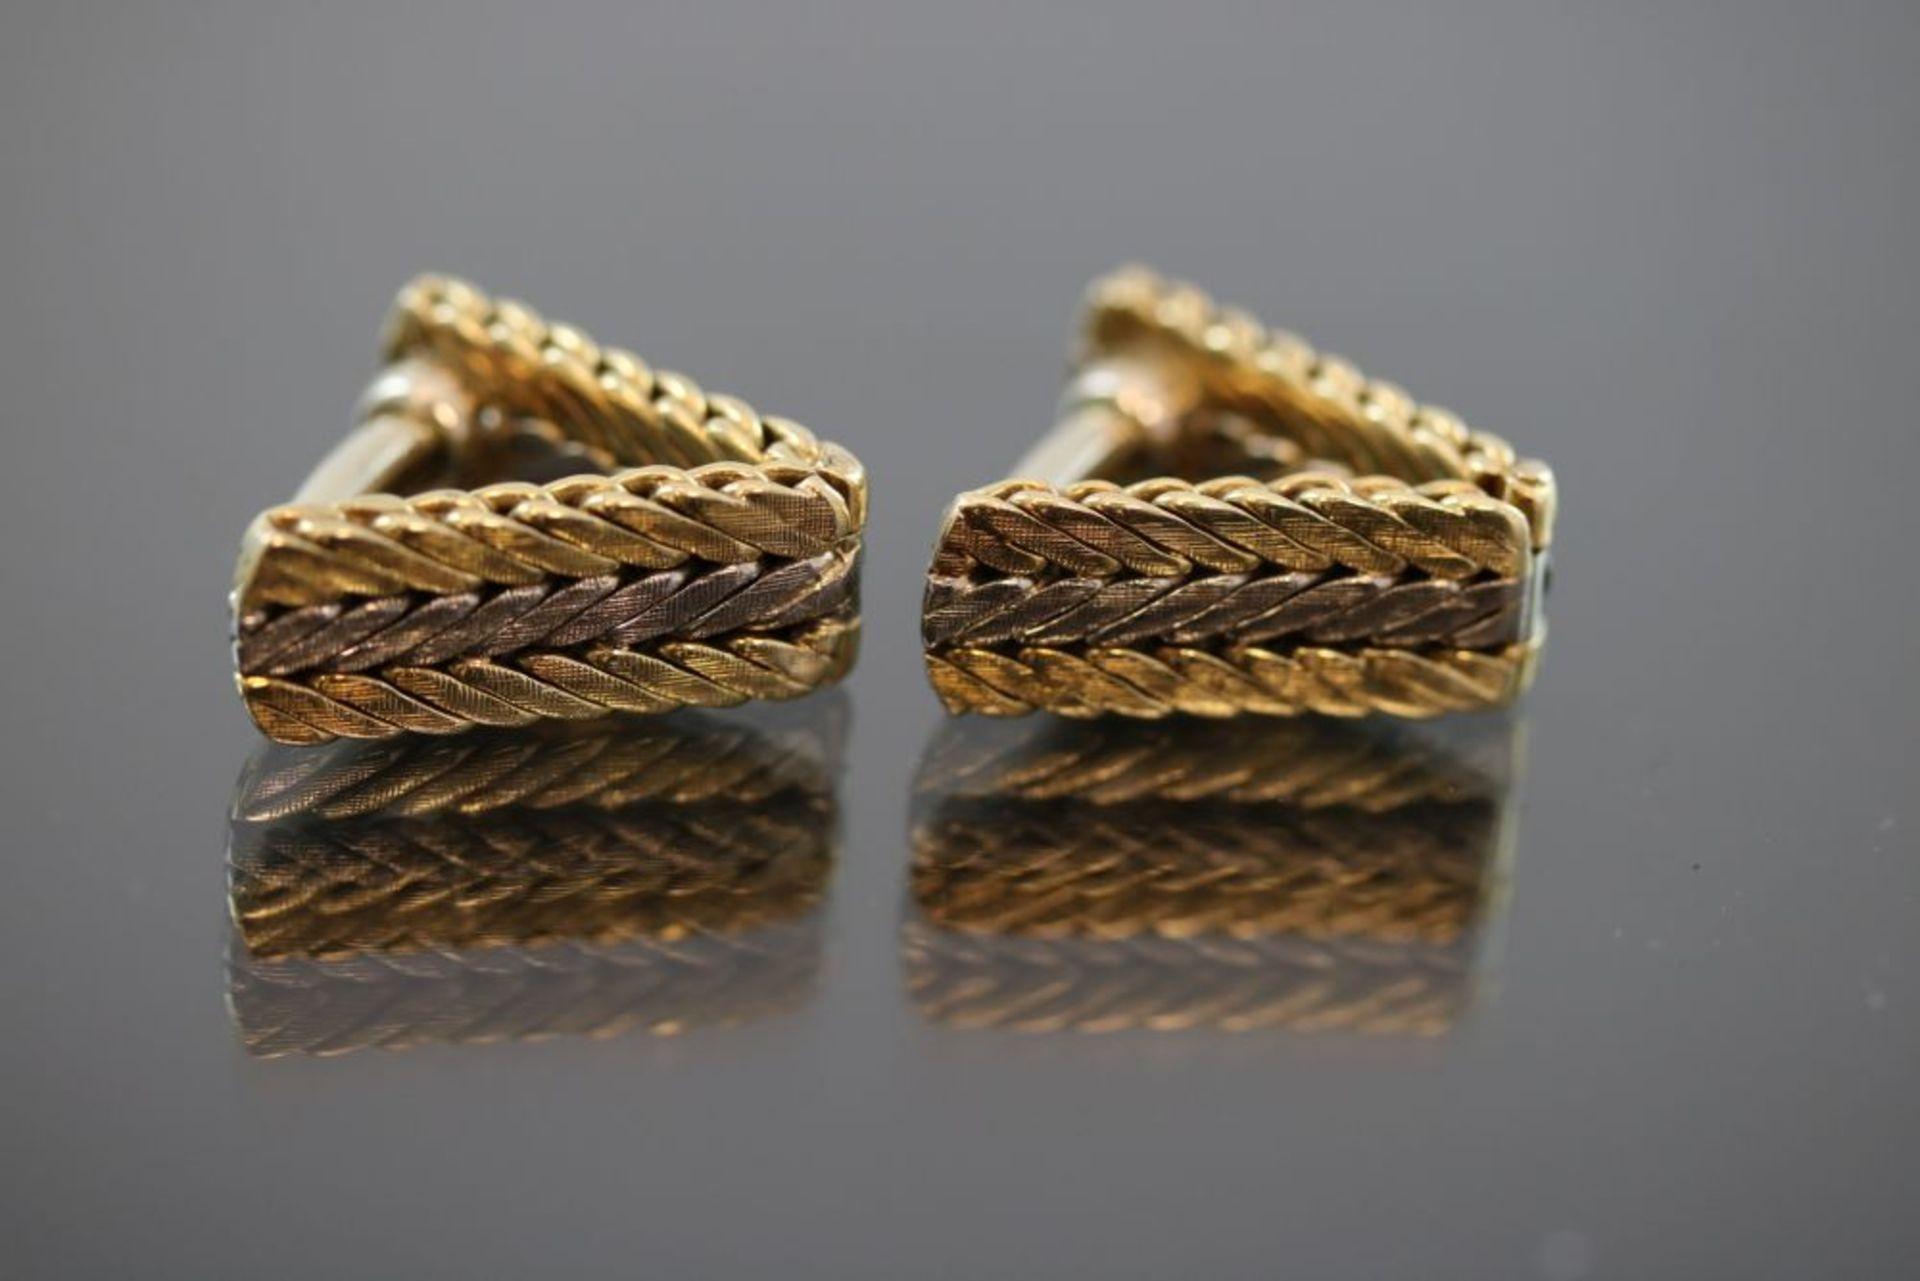 Manschettenknöpfe, 585 Gold